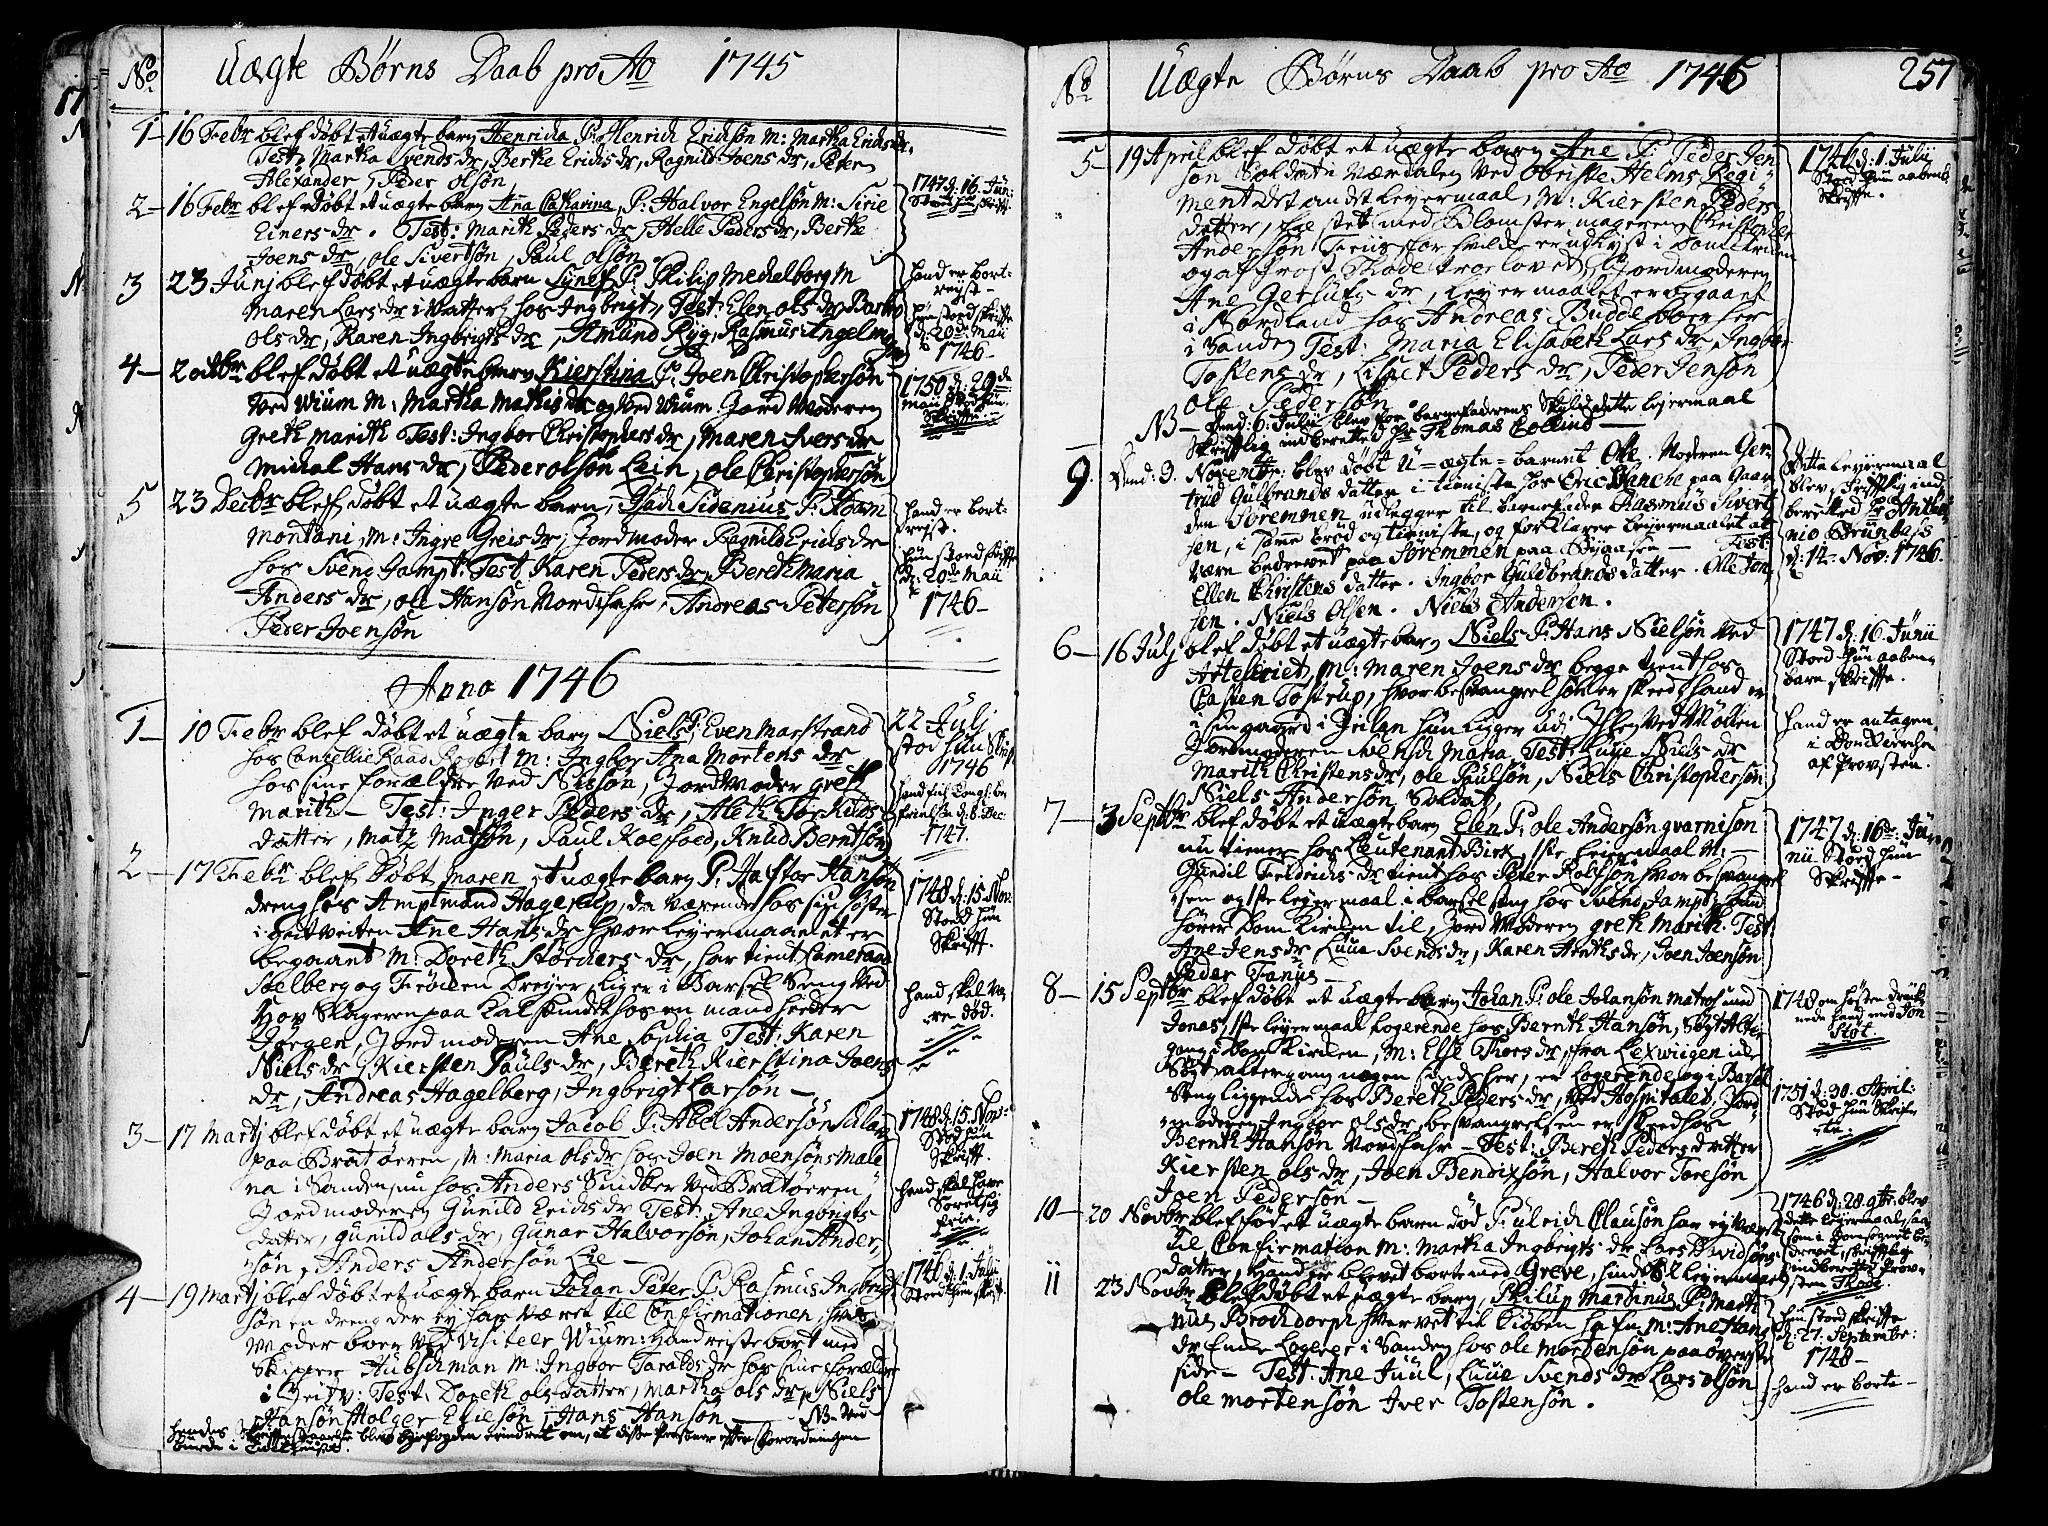 SAT, Ministerialprotokoller, klokkerbøker og fødselsregistre - Sør-Trøndelag, 602/L0103: Ministerialbok nr. 602A01, 1732-1774, s. 257